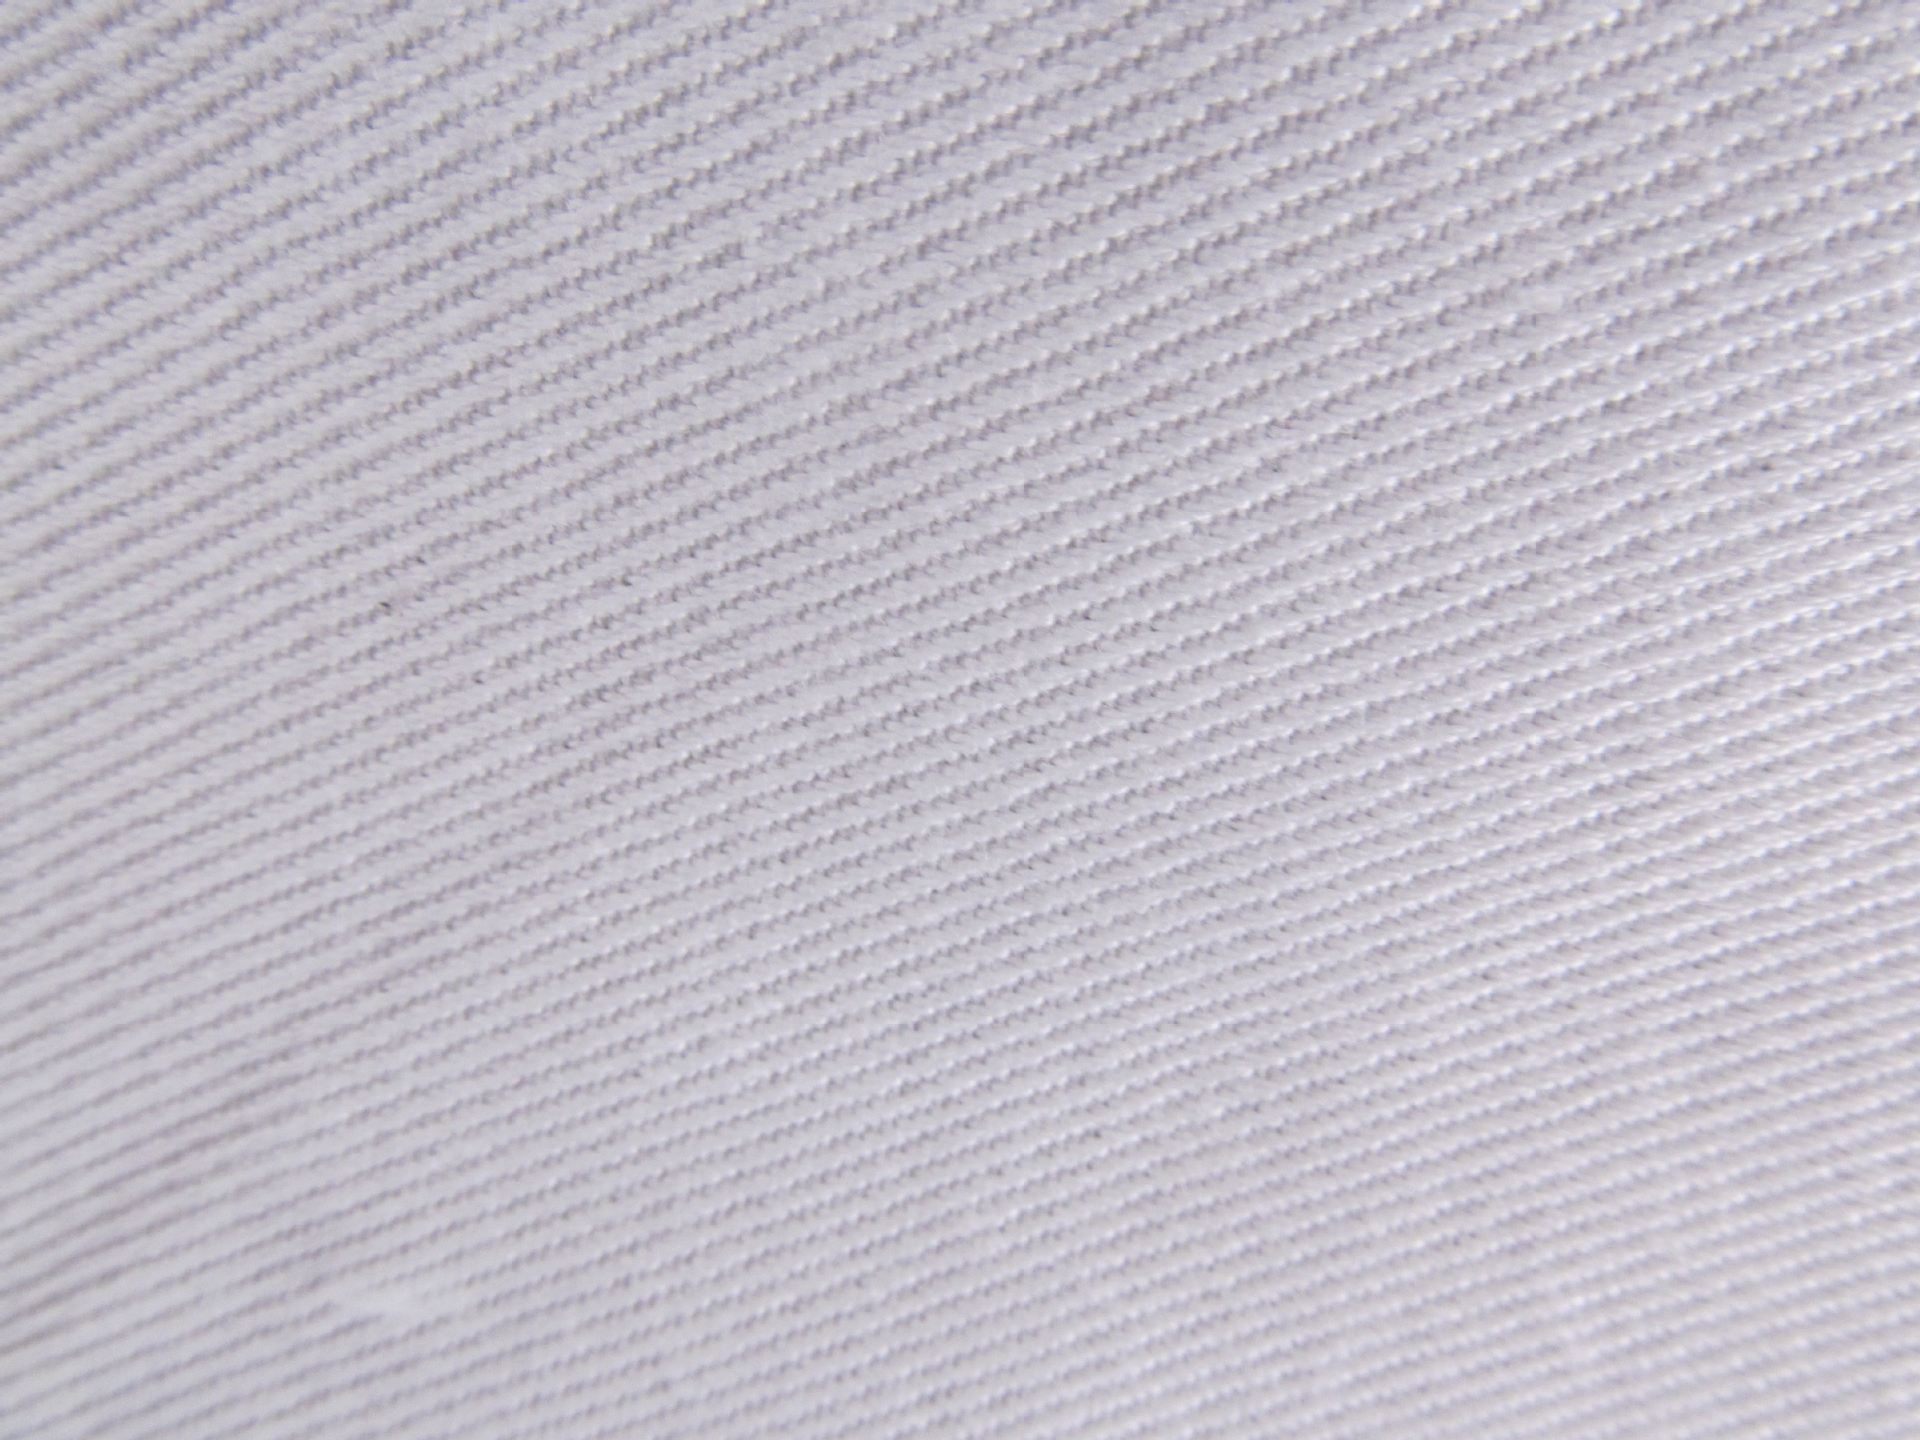 Vải mộc sợi hoá học Cung cấp 21 vải polyester tẩy trắng nguyên chất